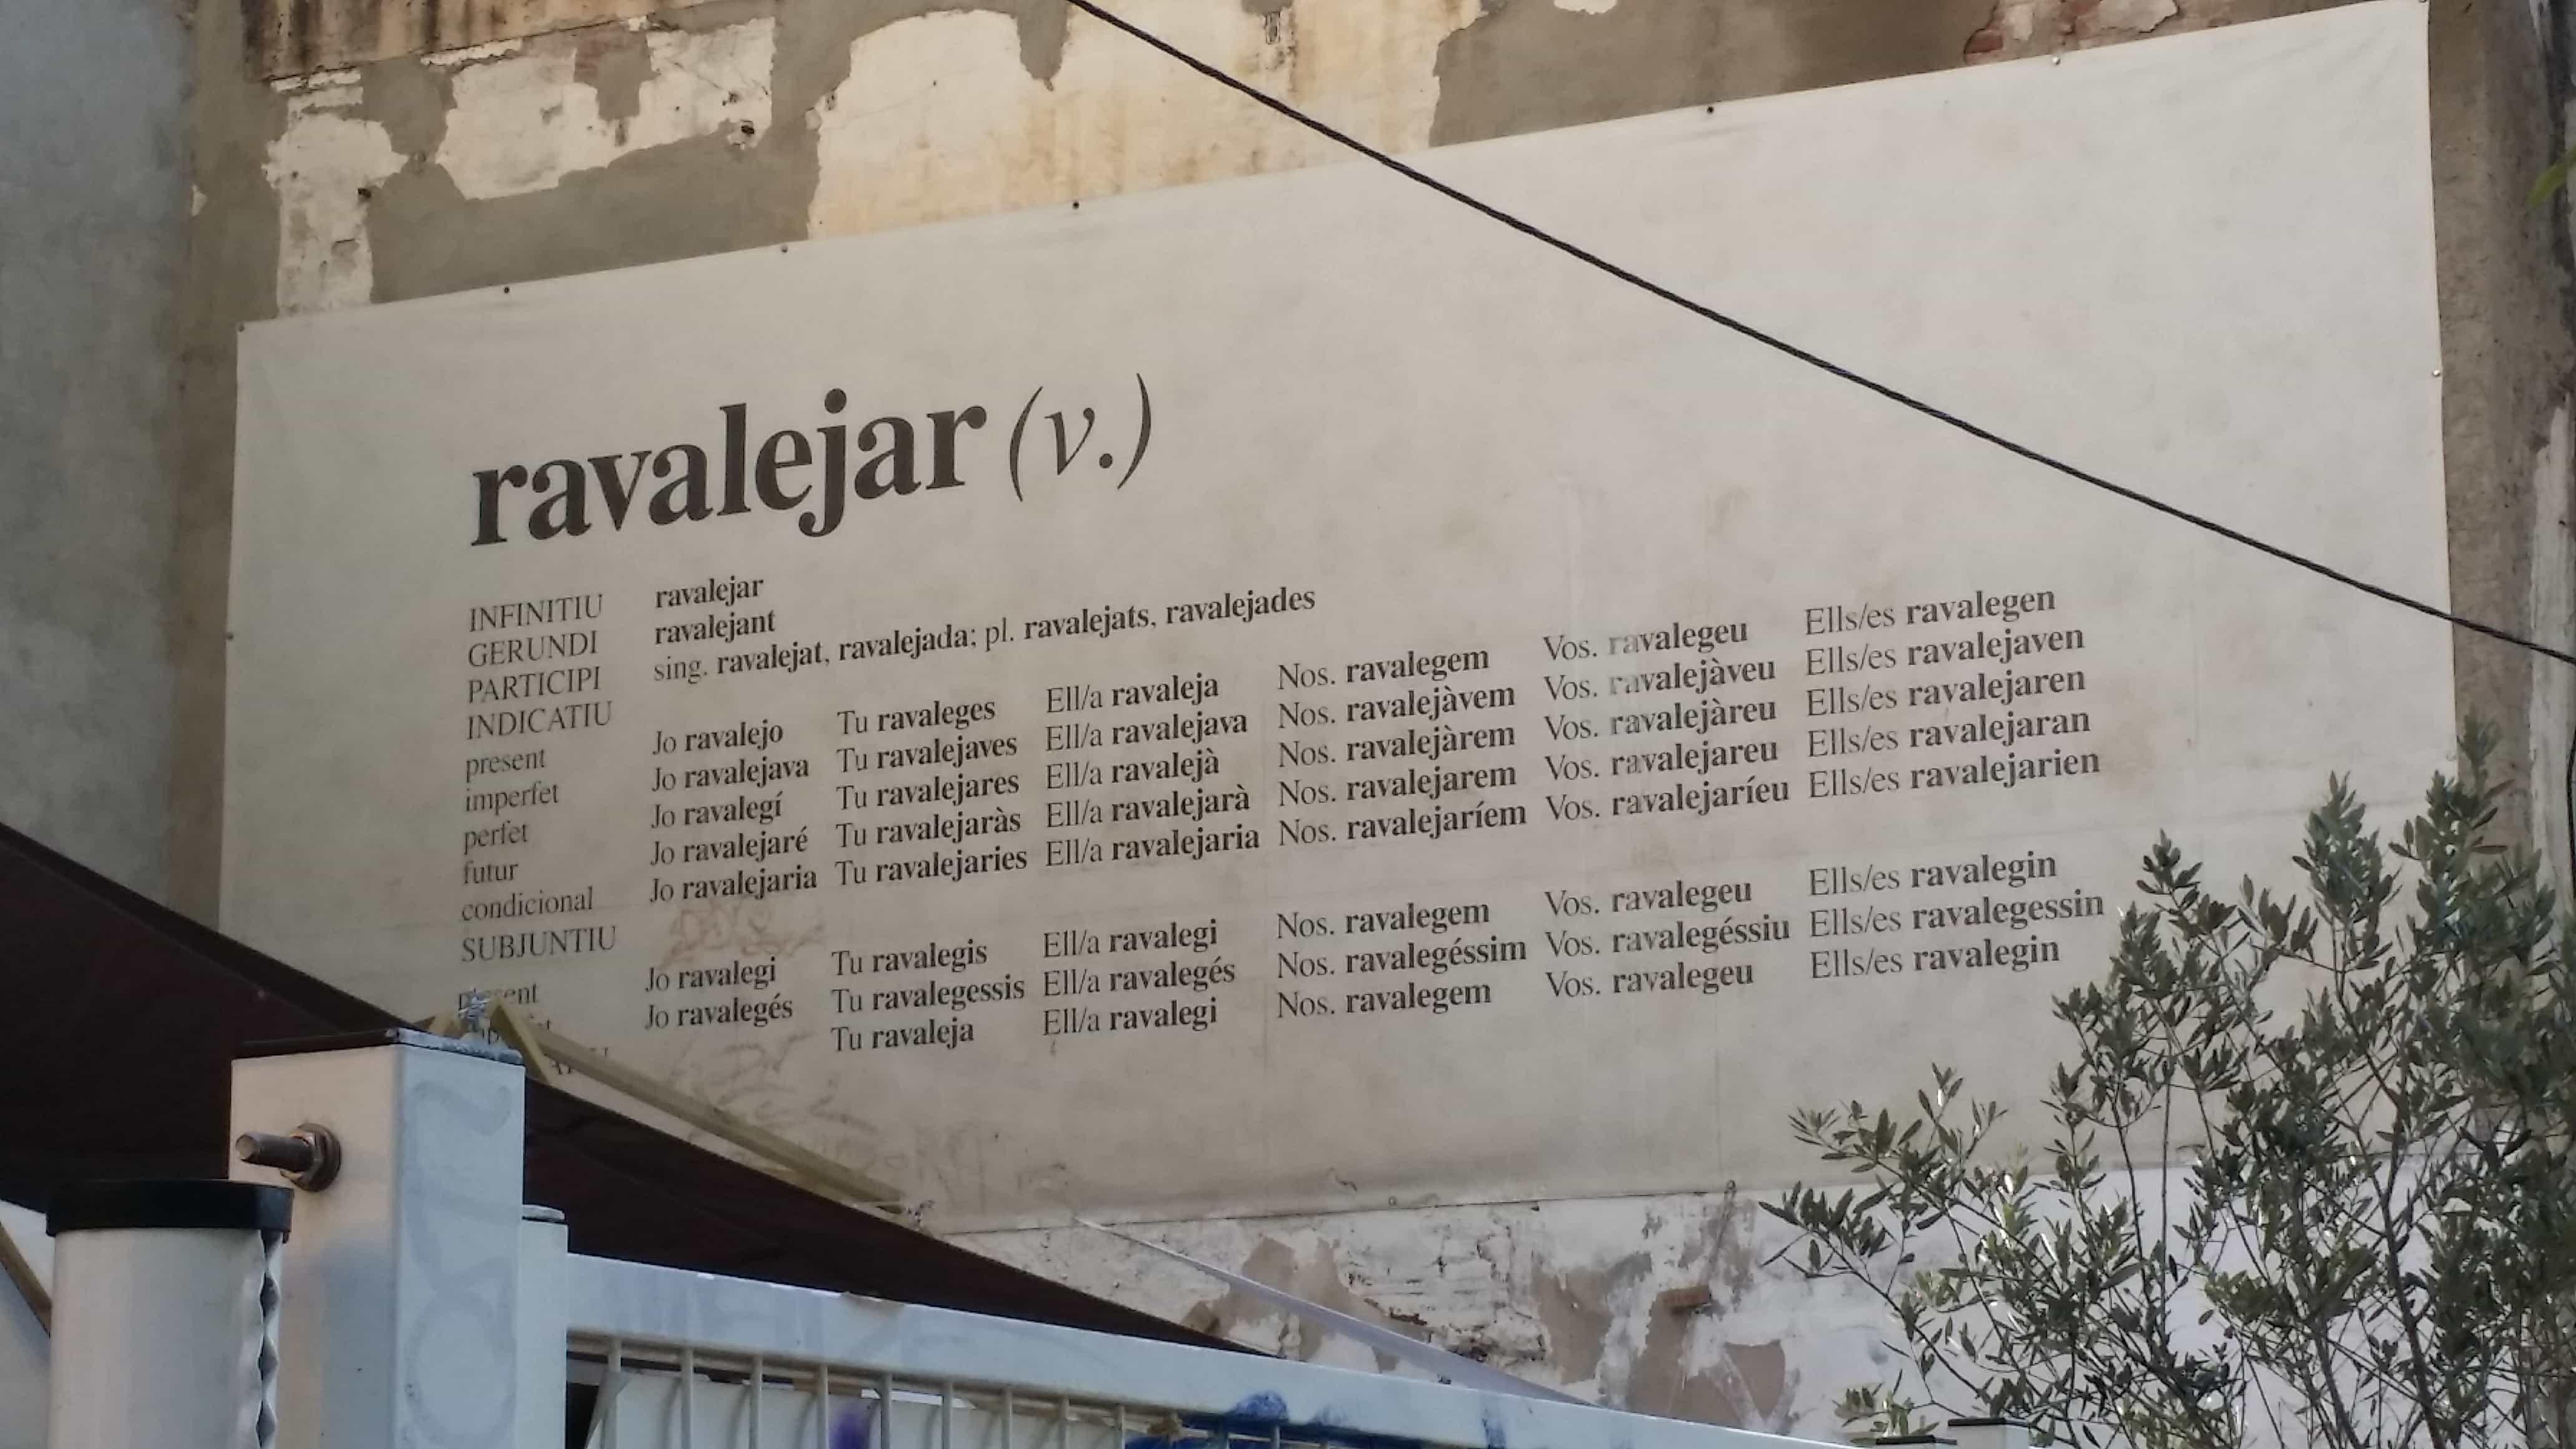 La conjugación del Raval, el verbo ravalear